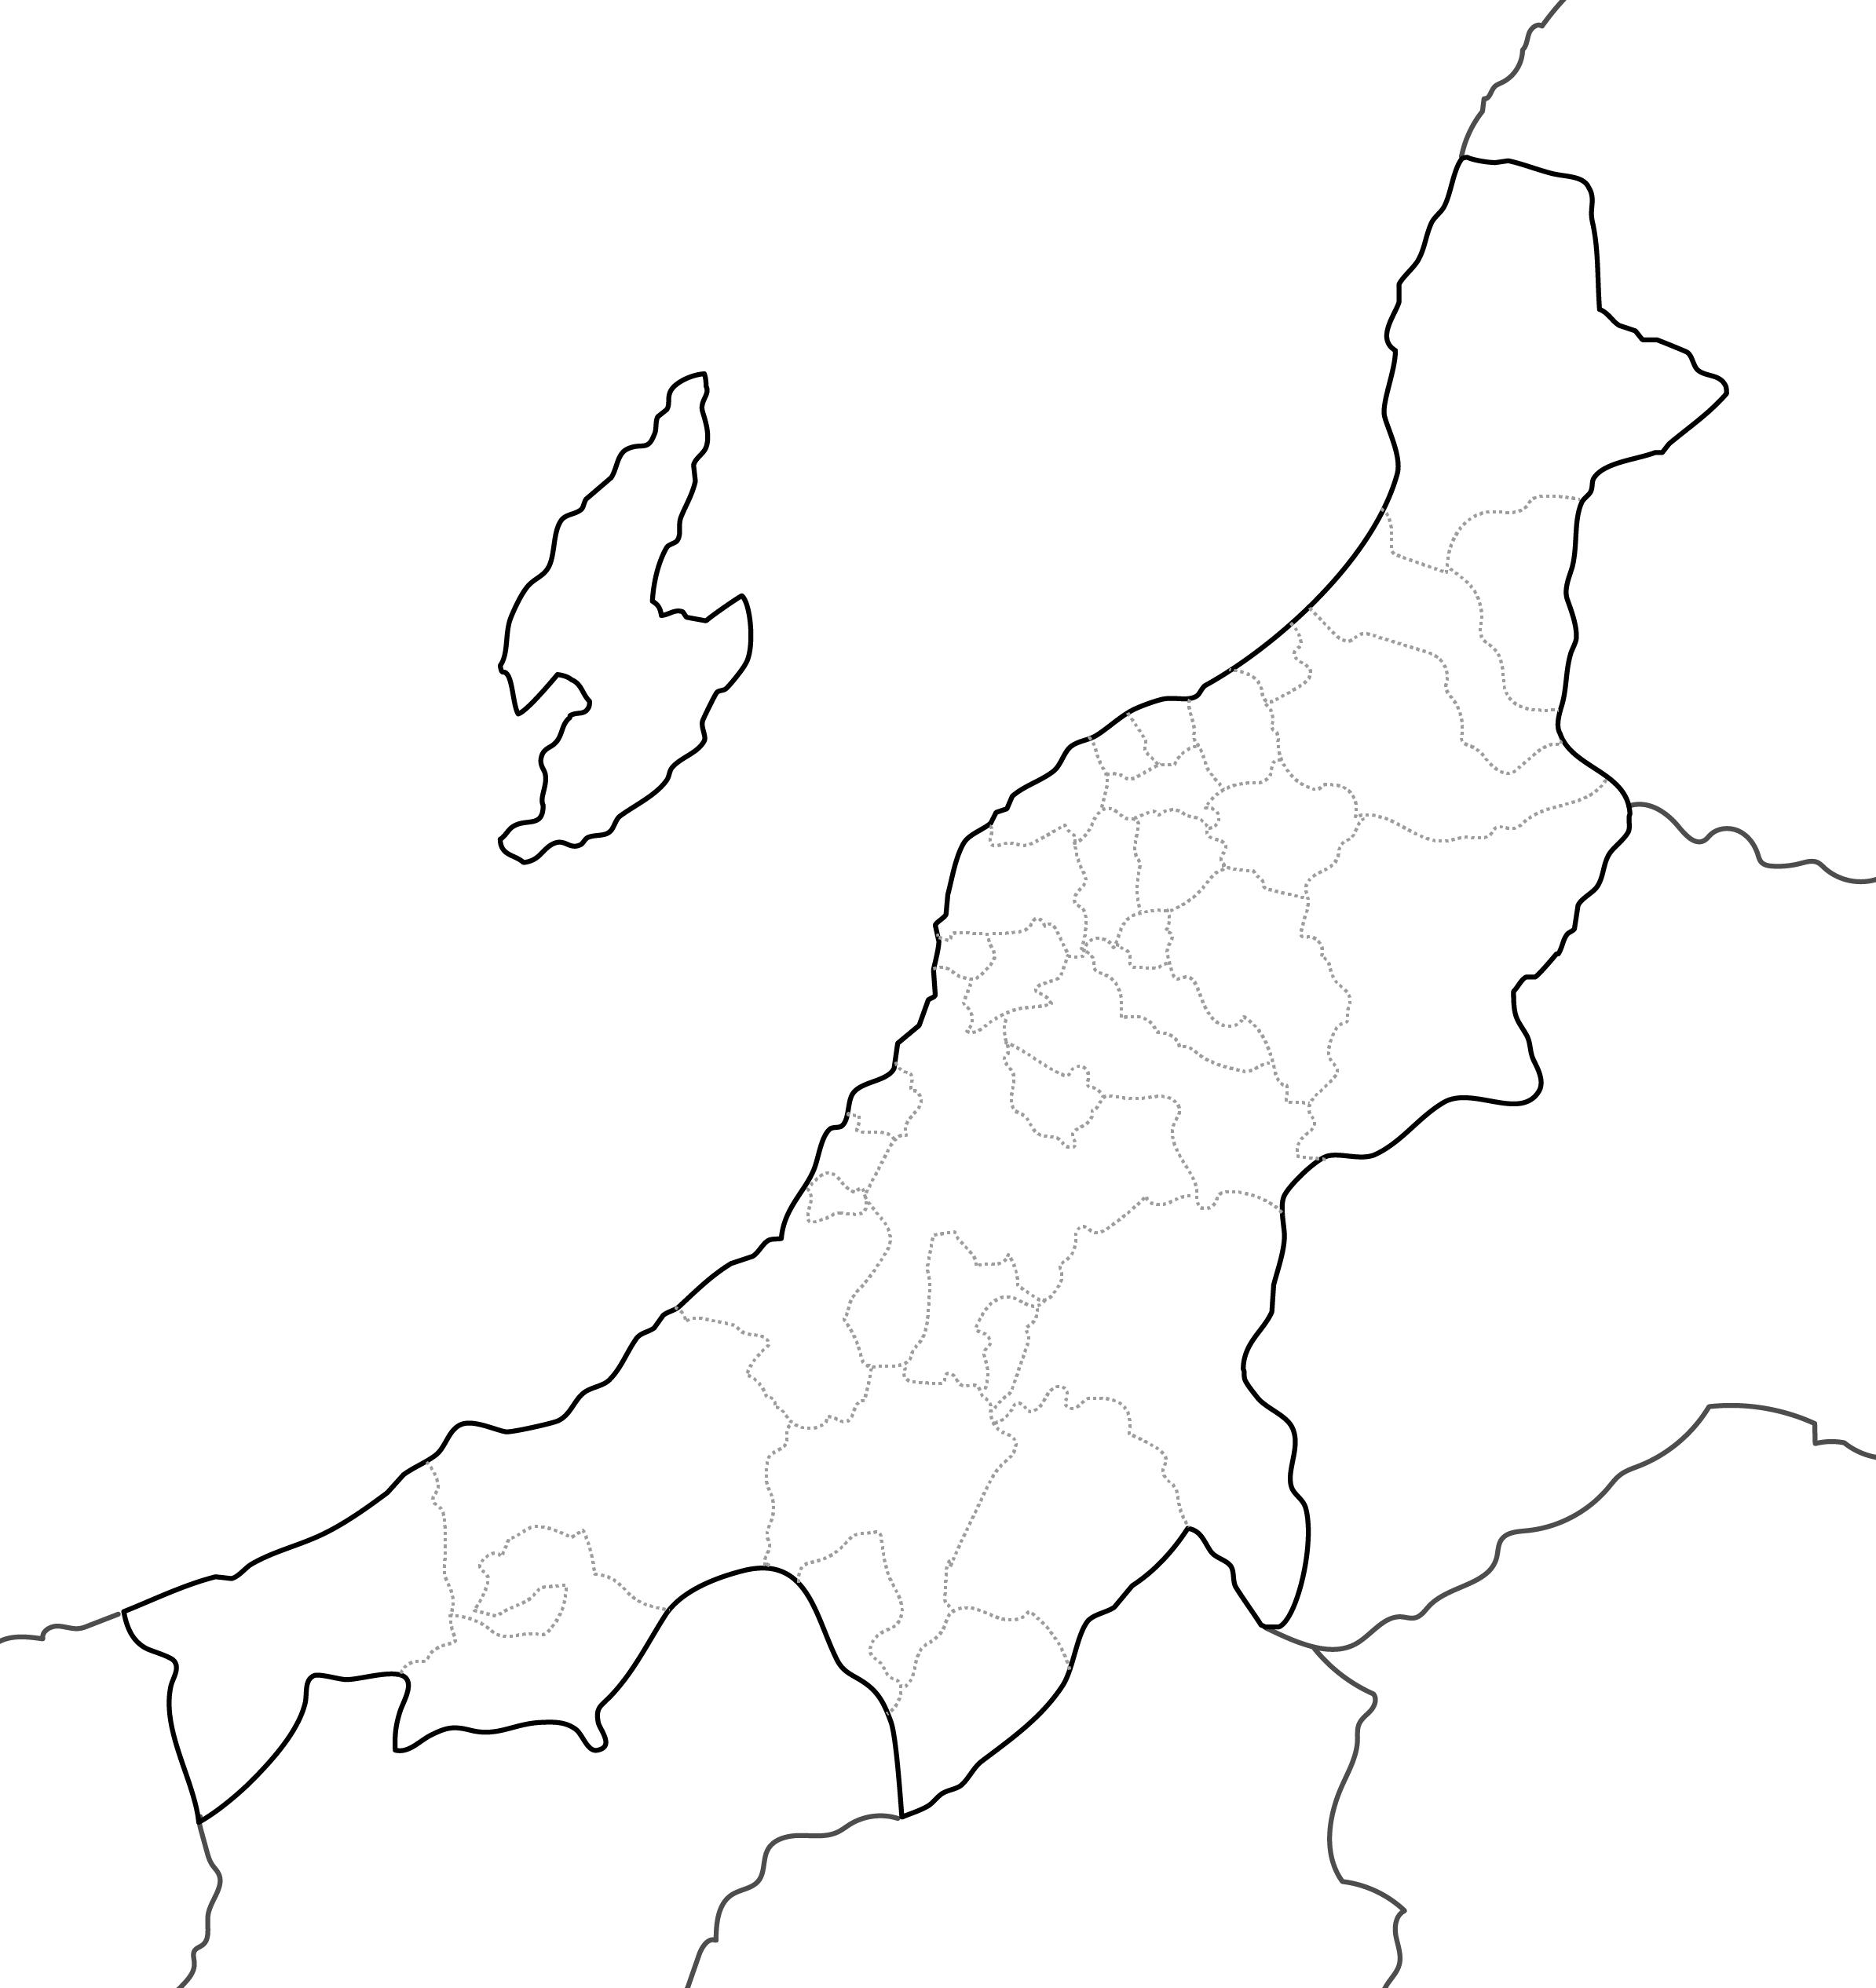 [白地図]新潟県・ラインあり・市区町村名なし・隣県なし